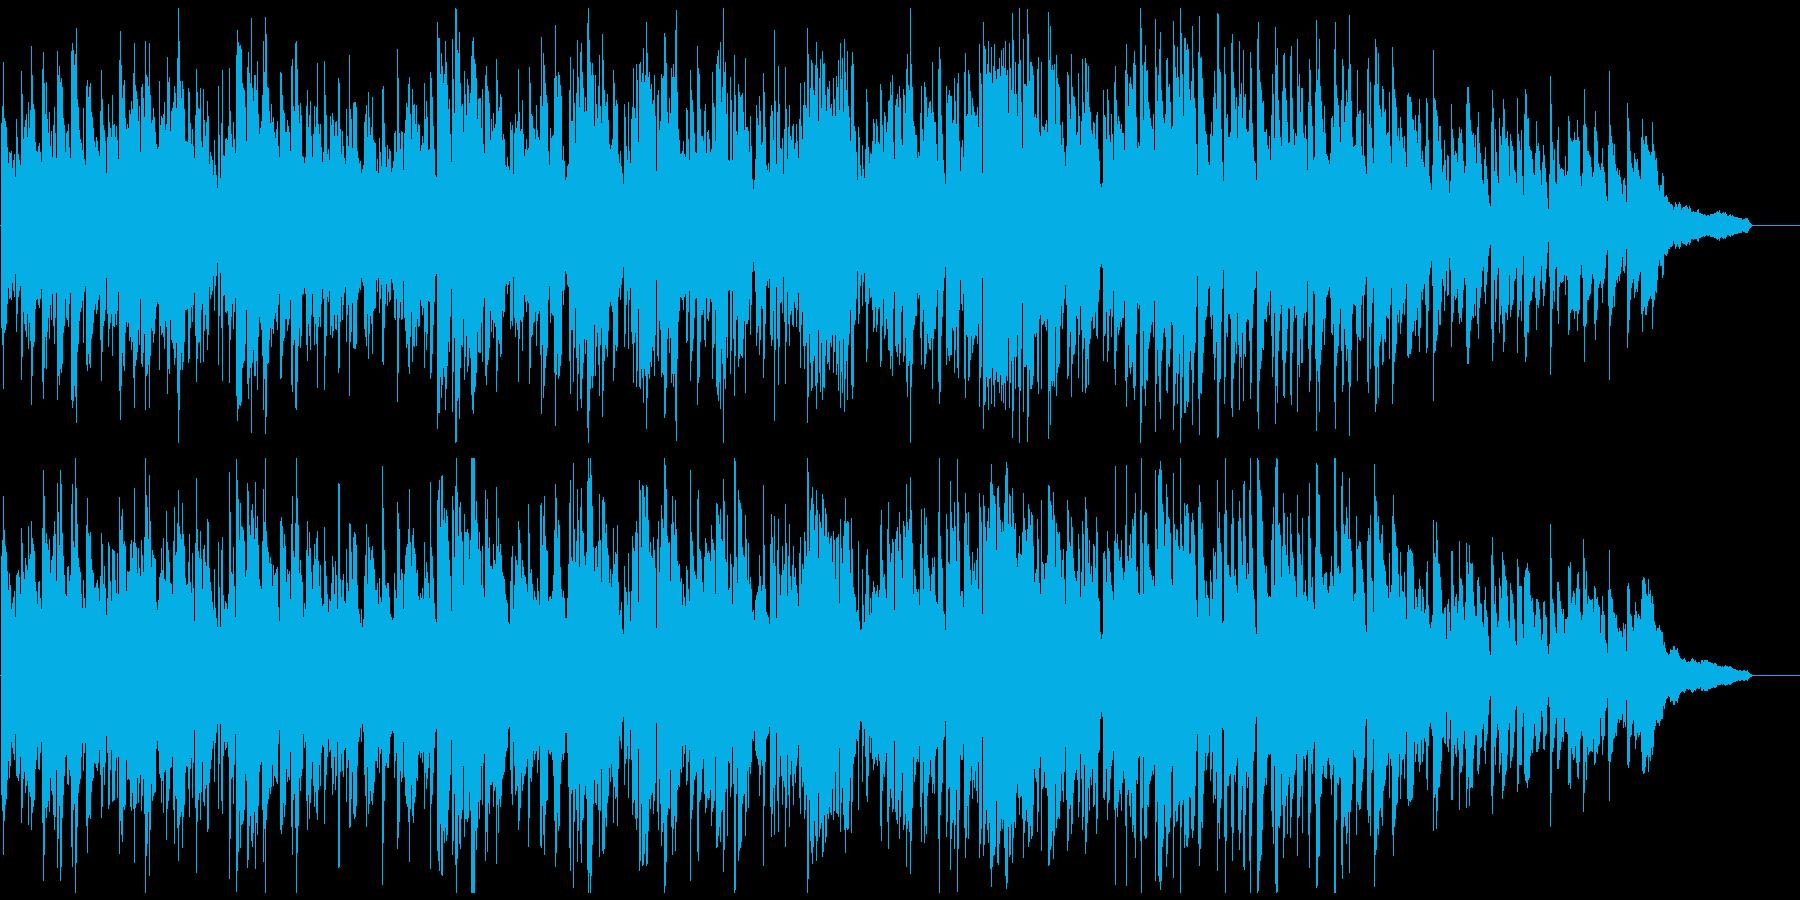 ジャズ・ボサノバ、素敵なサックスの音色の再生済みの波形